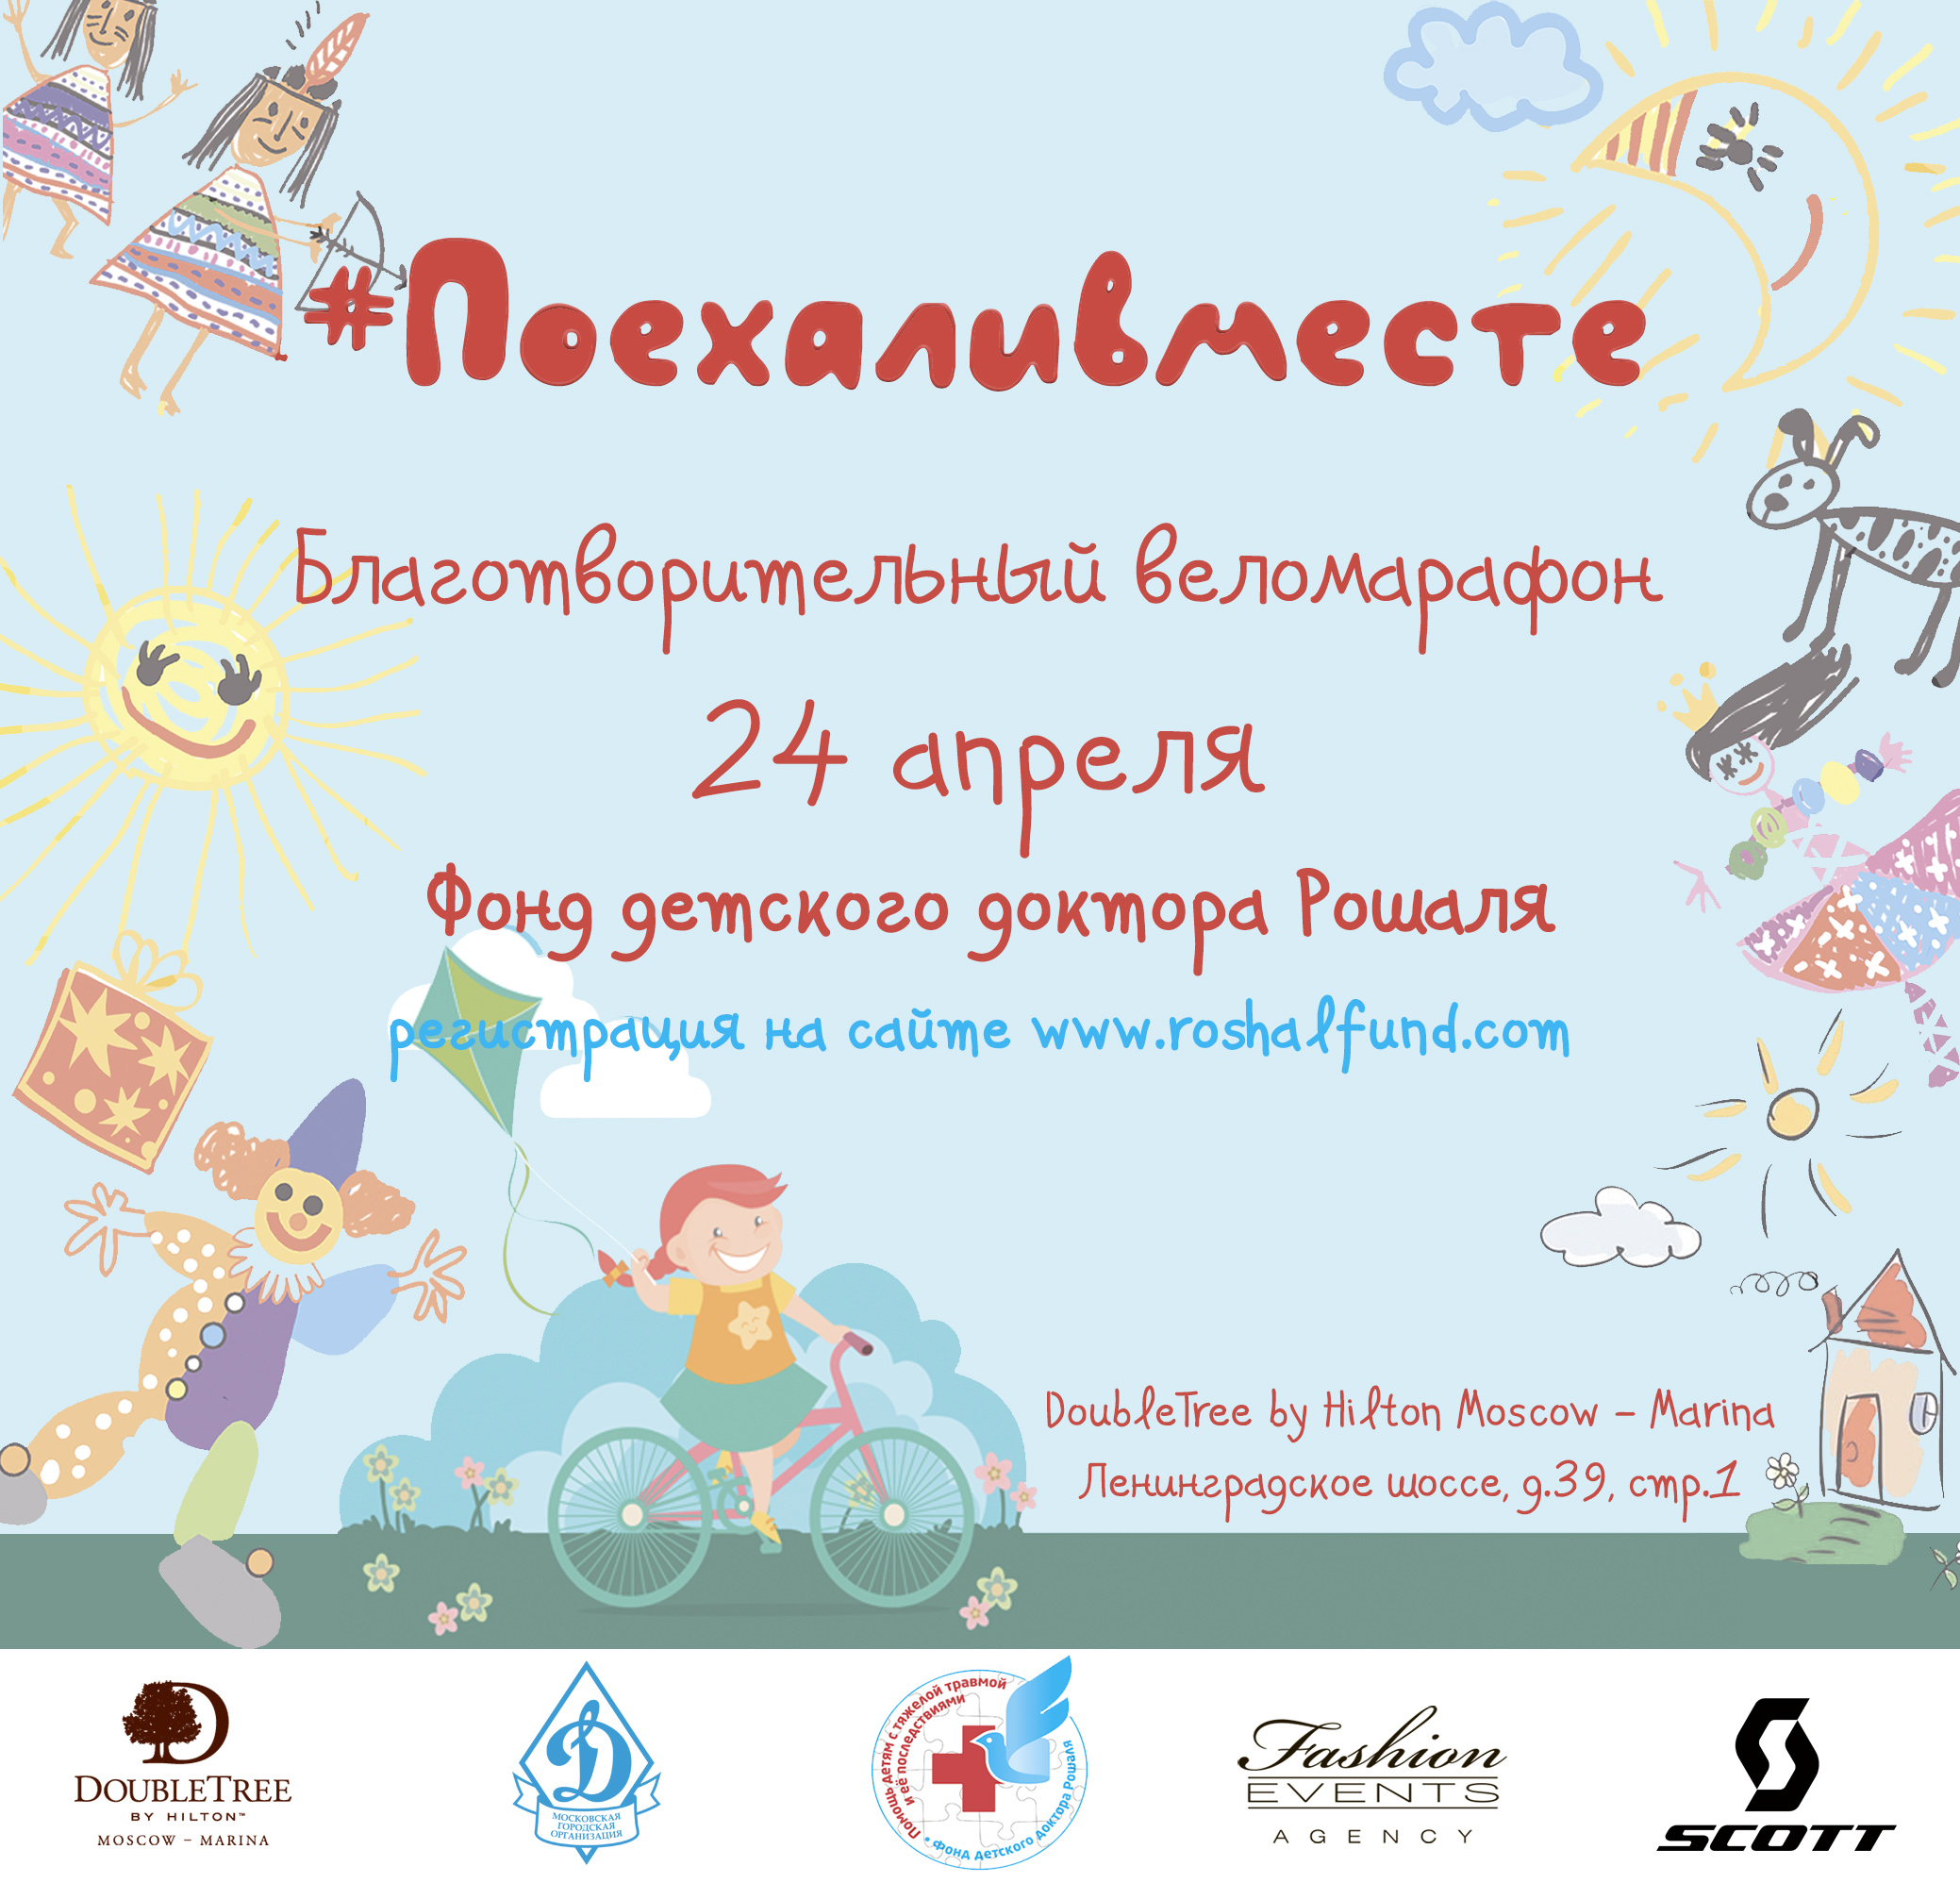 Фонд детского доктора Рошаля 24 апреля 2016 года в г. Москве проведет благотворительный веломарафон «Дети вне политики»